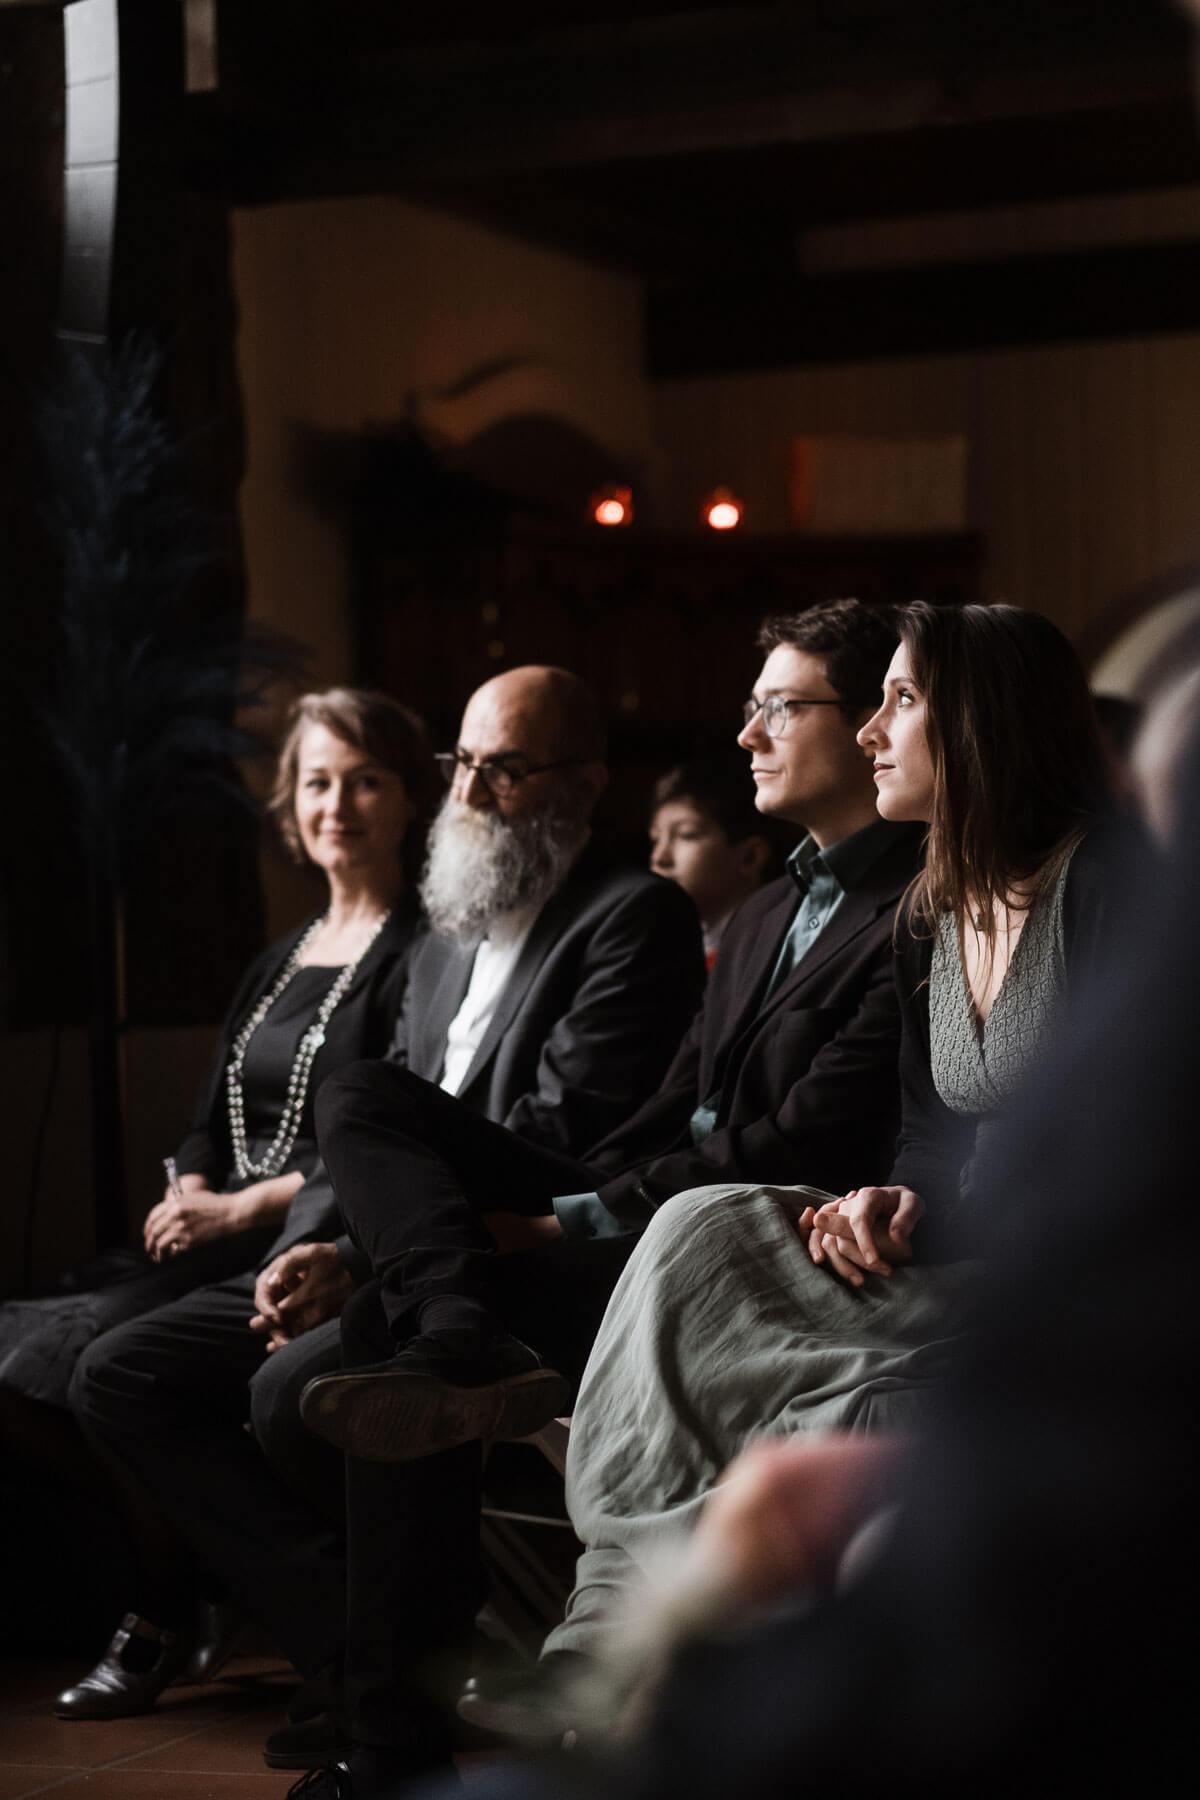 in einem Trauzimer in einem Landhaus sitzen die Gäste des Brautpaar, sie schauen aufmerksam auf das Brautpaar